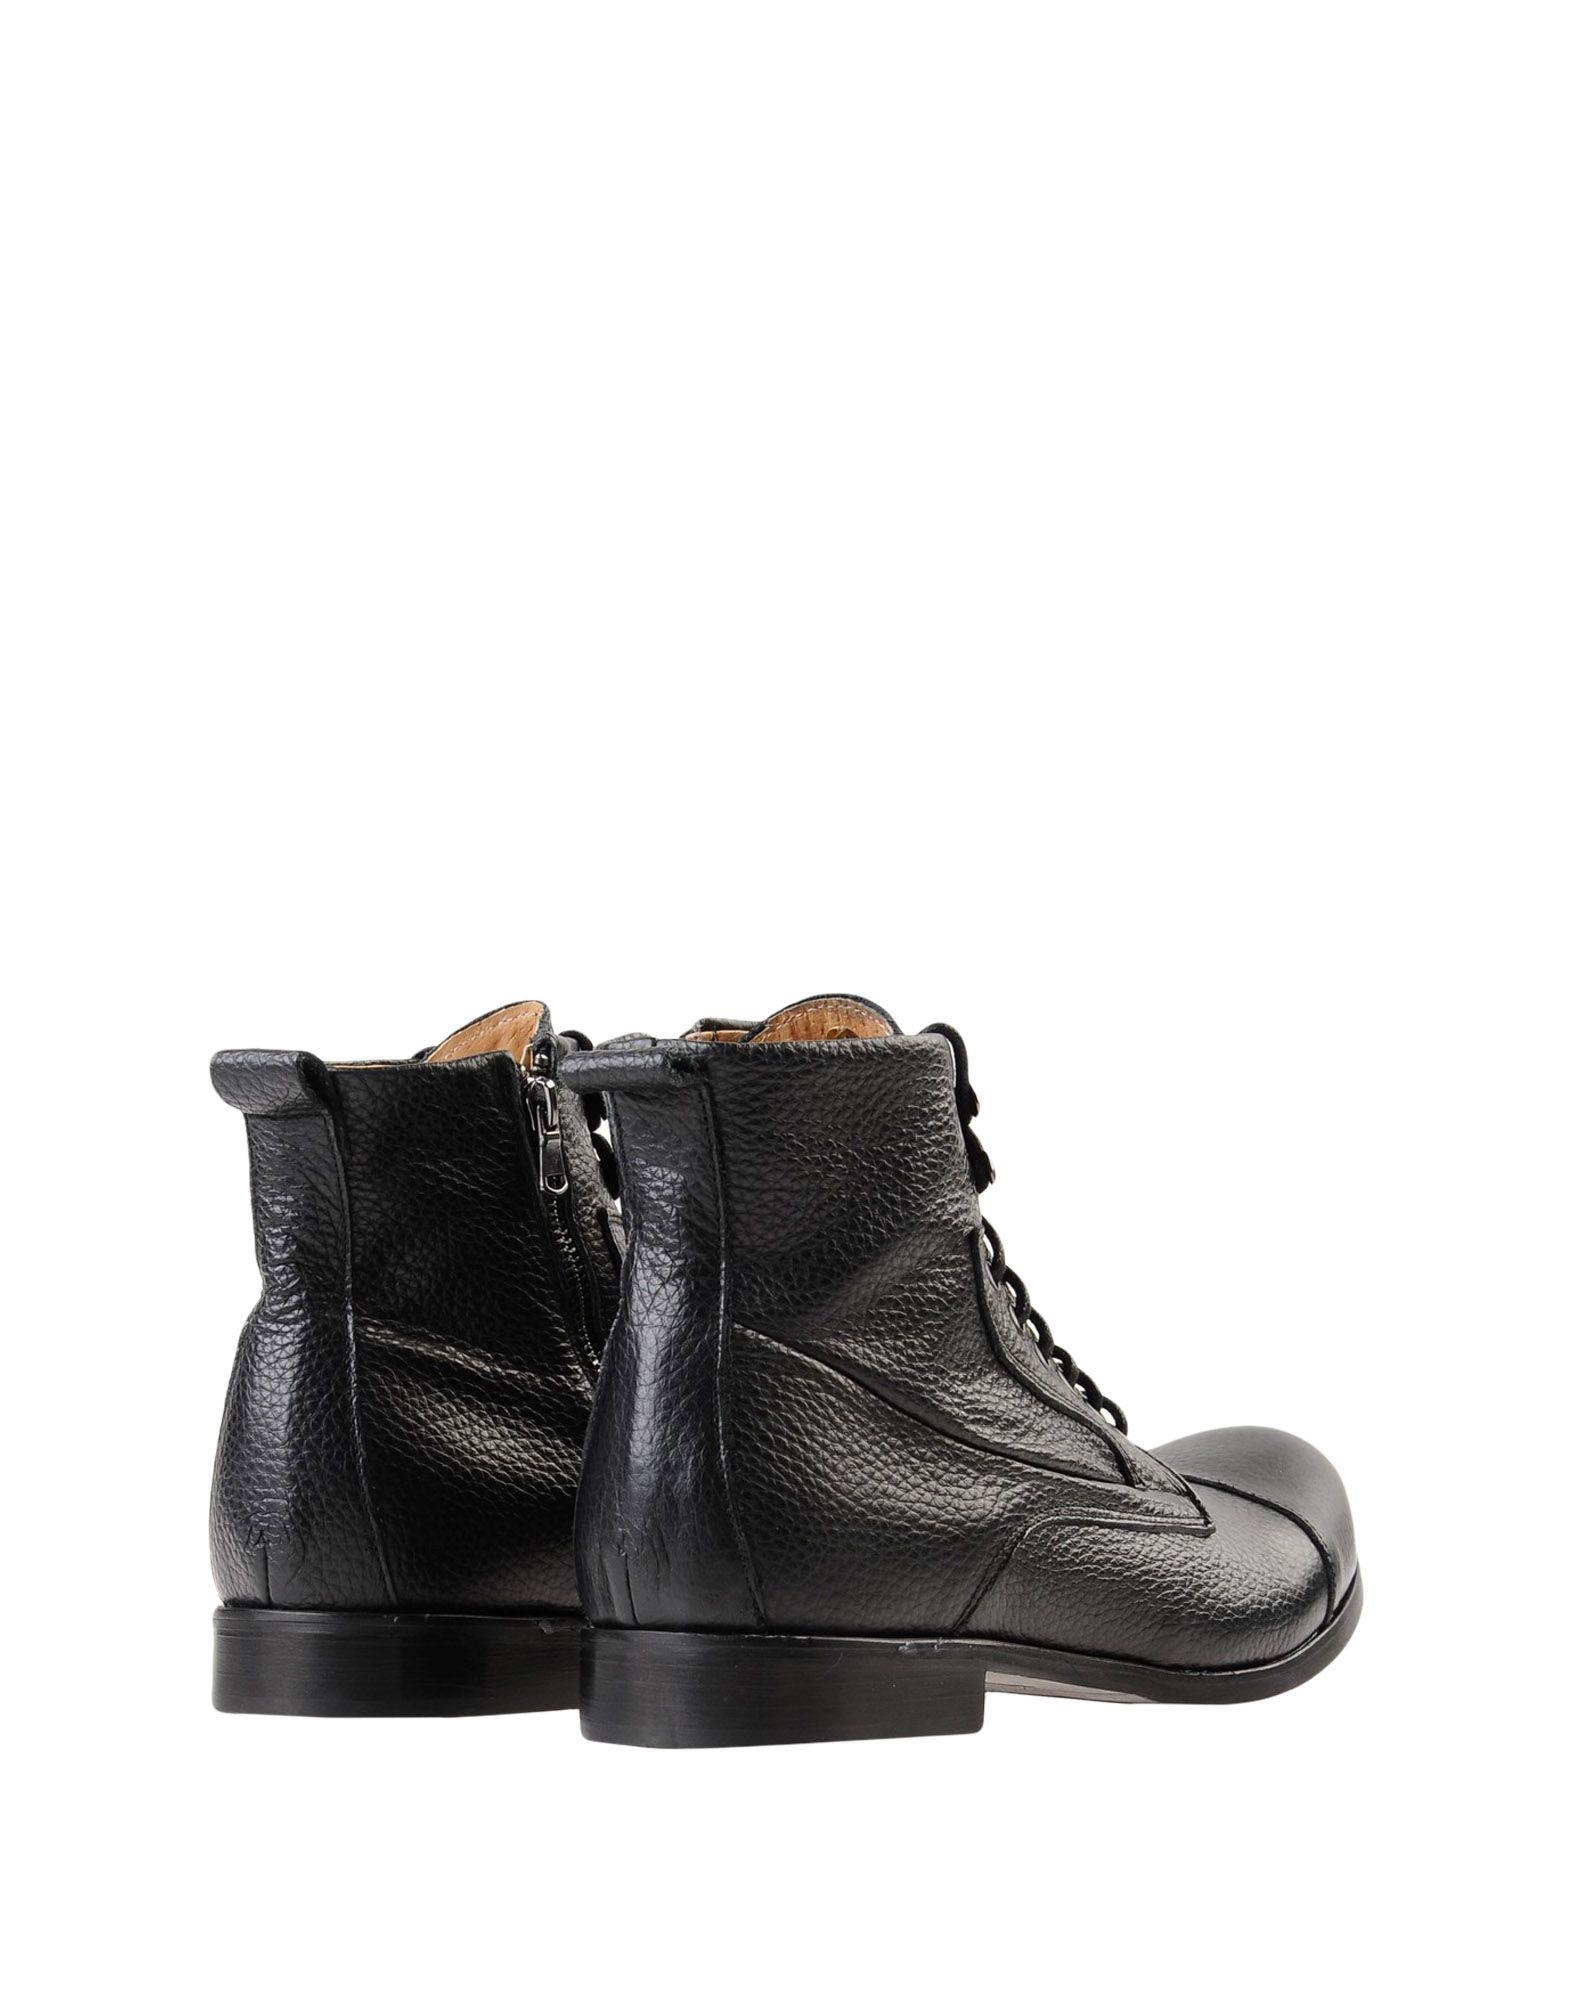 Leonardo Principi Stiefelette Herren beliebte  11536578BD Gute Qualität beliebte Herren Schuhe f343c9